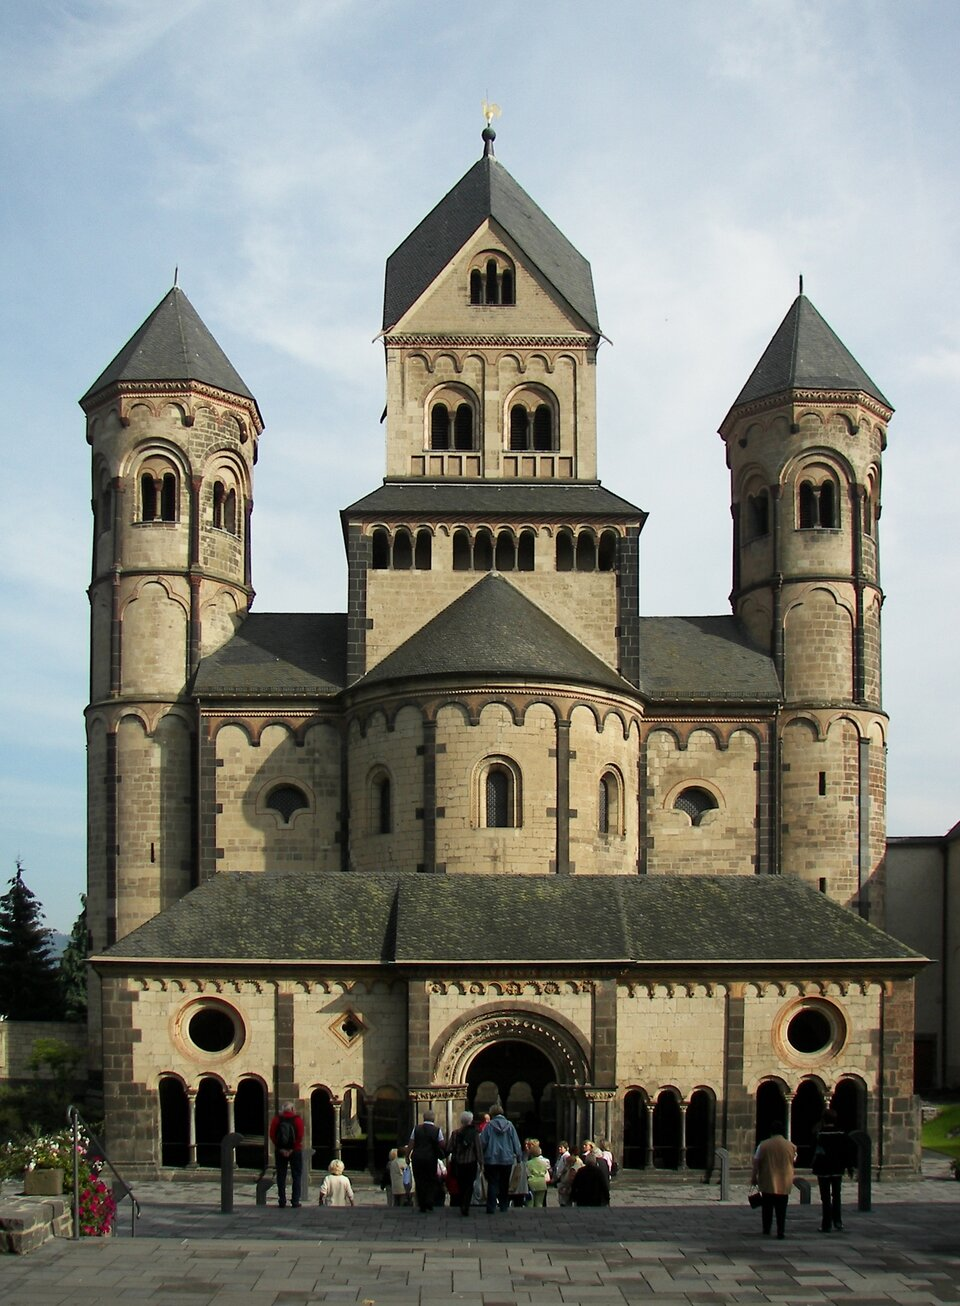 Kościół opactwa Maria Laach, XII w. (portyk przed kościołem - 1 ćw. XIII w.) Źródło: Nikanos, Kościół opactwa Maria Laach, XII w. (portyk przed kościołem - 1 ćw. XIII w.), licencja: CC BY-SA 2.5.